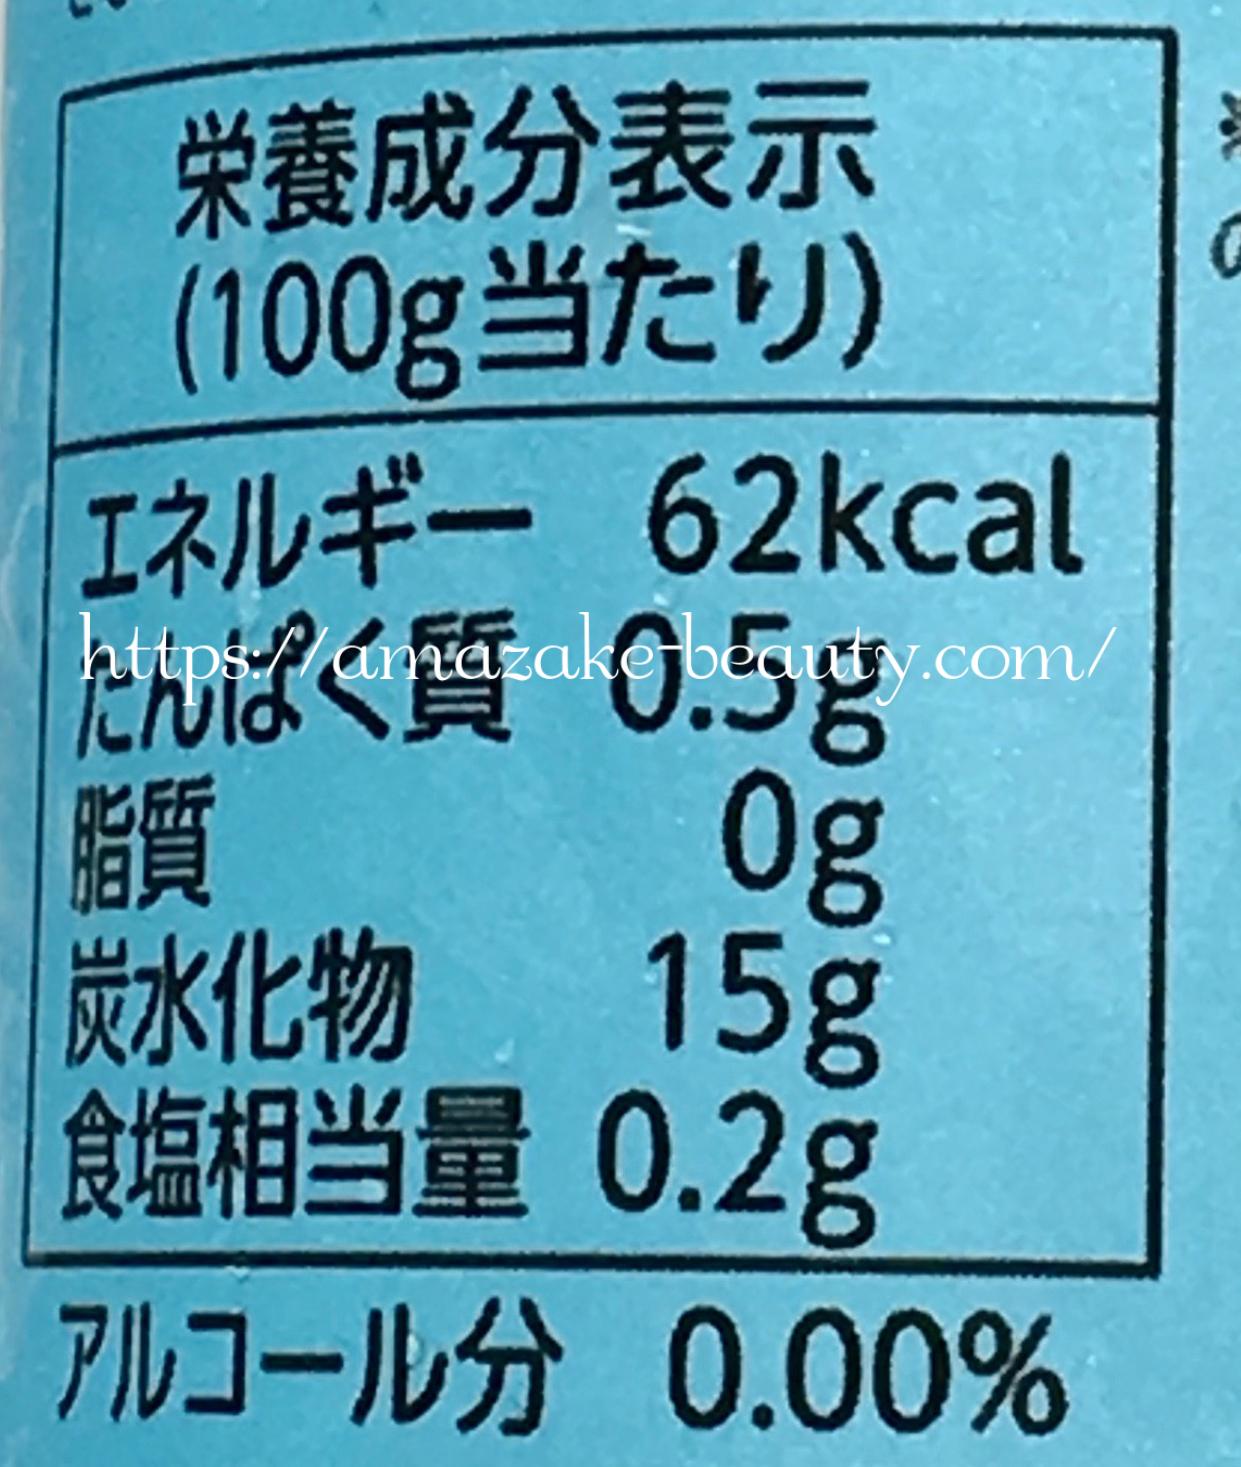 [amazake]erubi[nadaman kanshu amazake shiojitate](nutrition information)